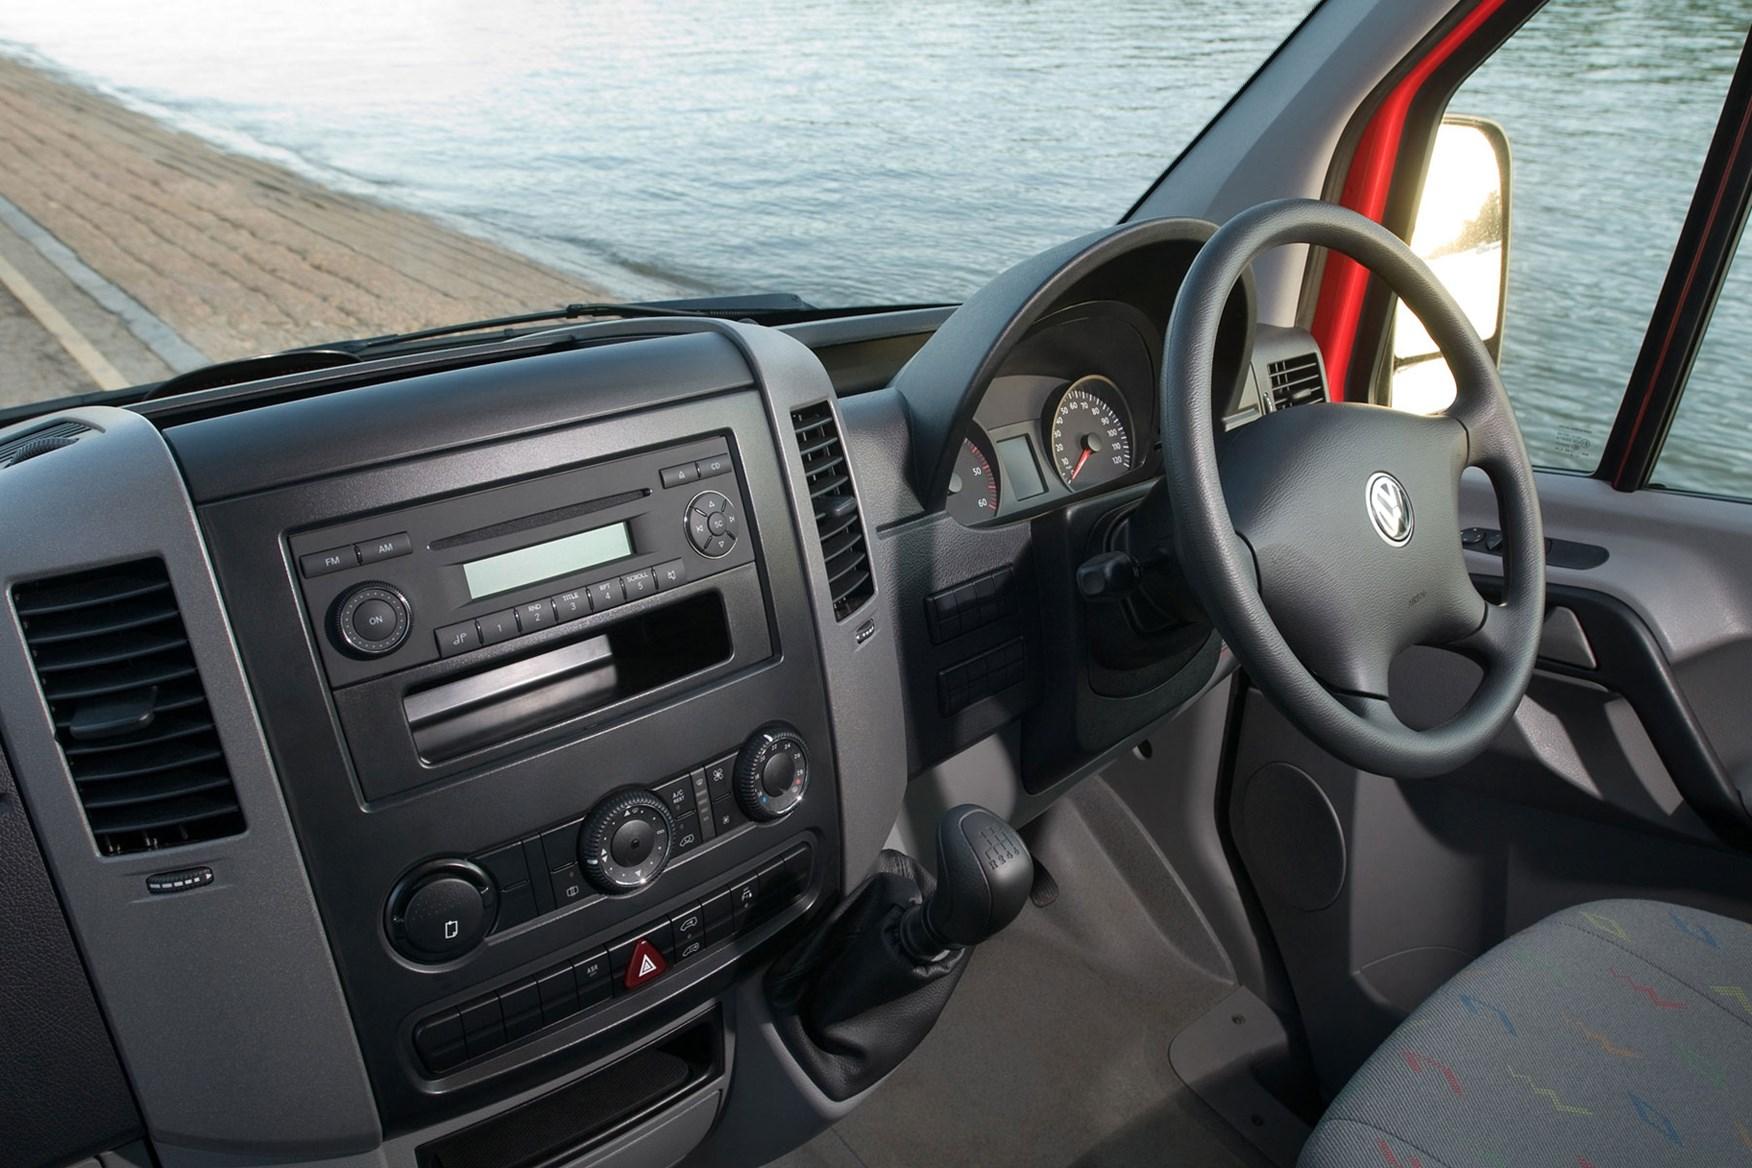 Volkswagen Crafter Van Review 2006 2011 Parkers